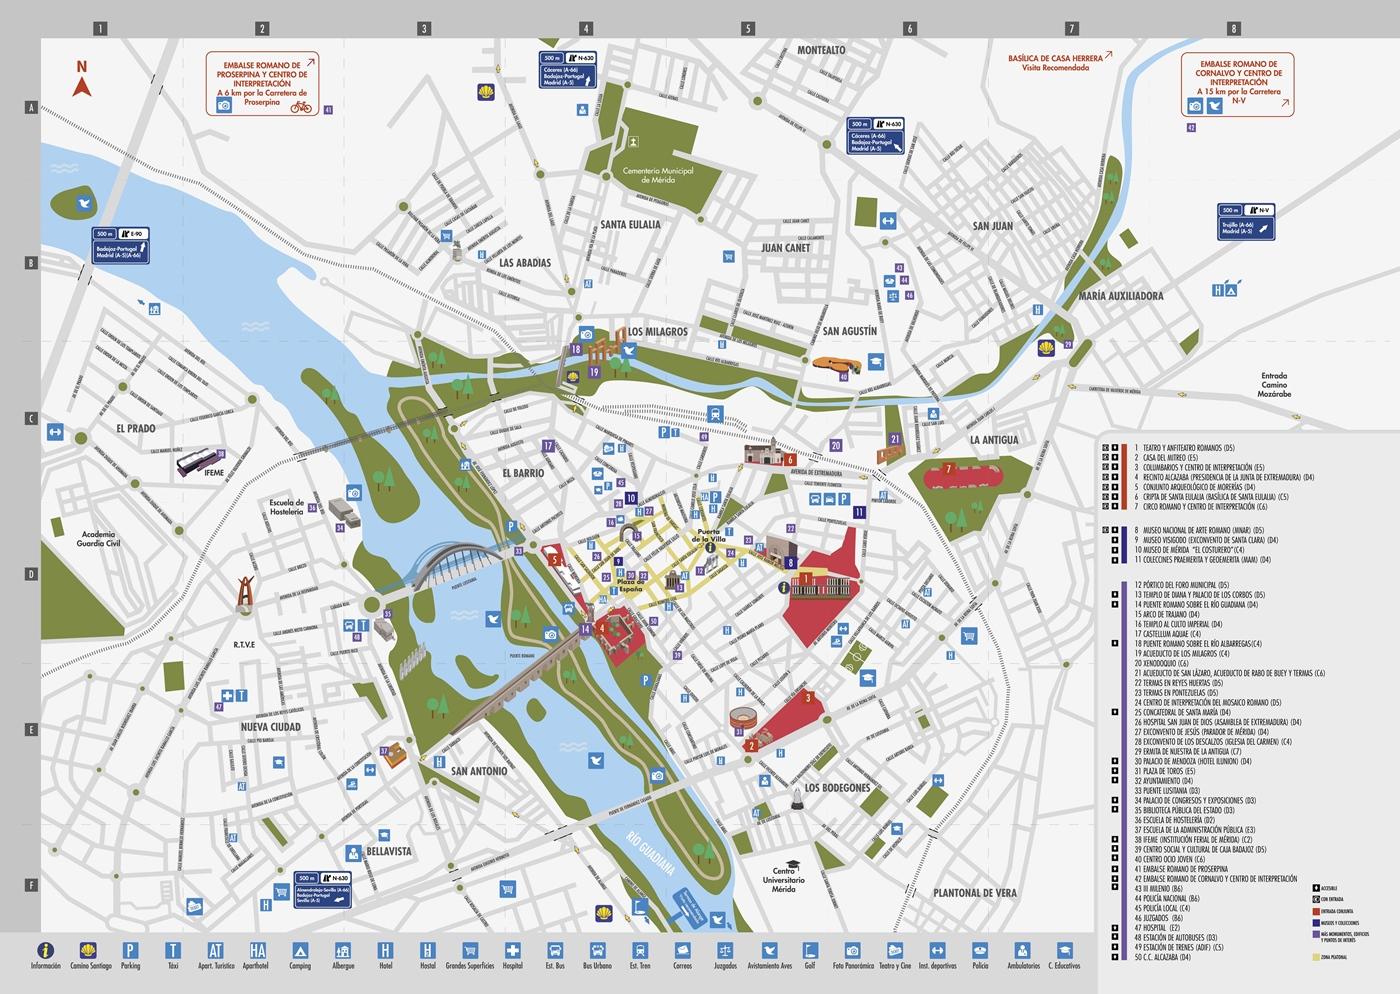 merida espanha mapa Mérida » El nuevo plano turístico está ya disponible en la oficina  merida espanha mapa